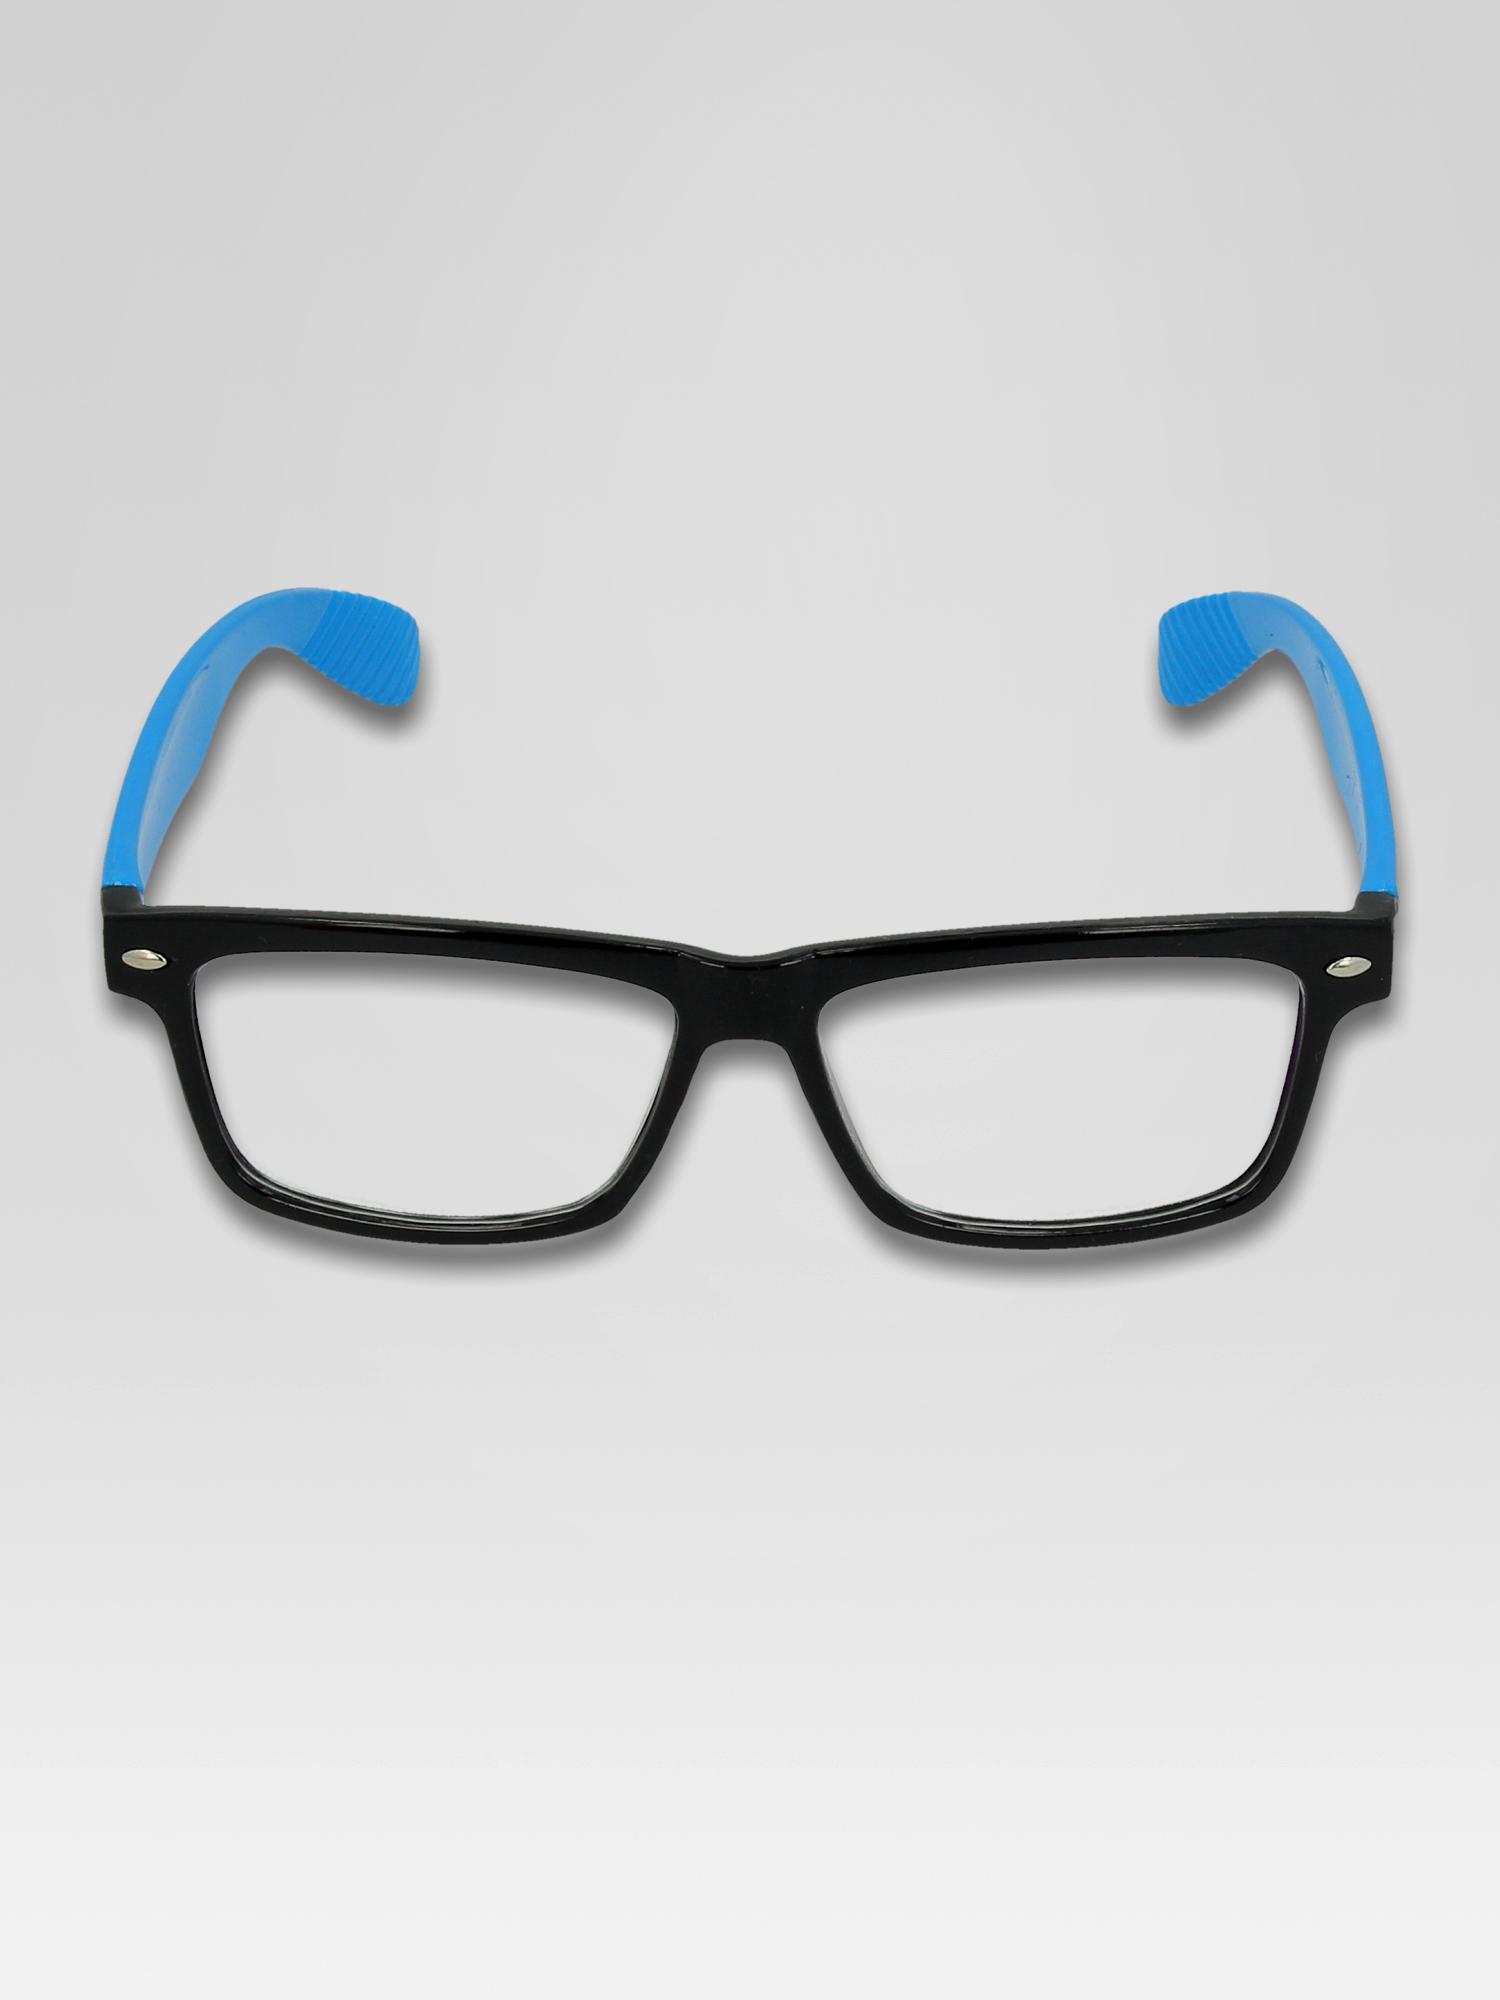 Niebiesko-czarne okulary zerówki kujonki typu WAYFARER NERDY                                  zdj.                                  4